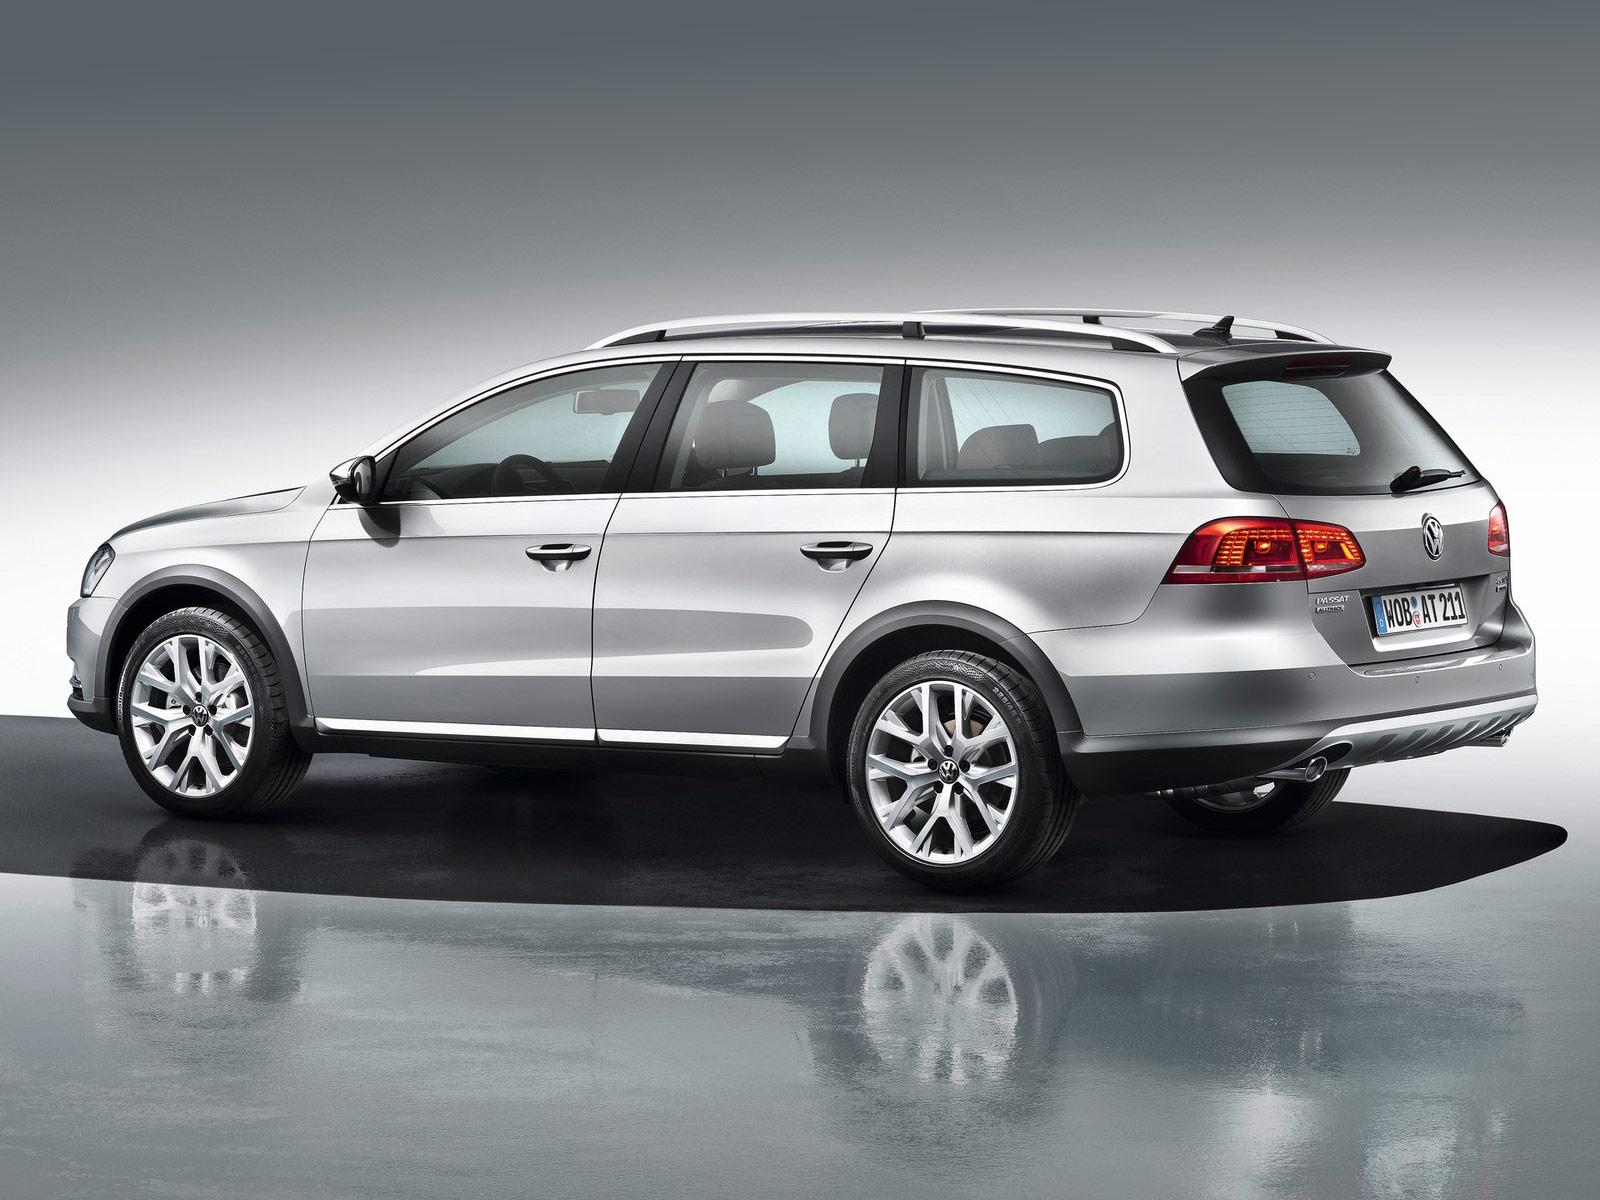 2013 Volkswagen Passat Alltrack Car Desktop Wallpaper